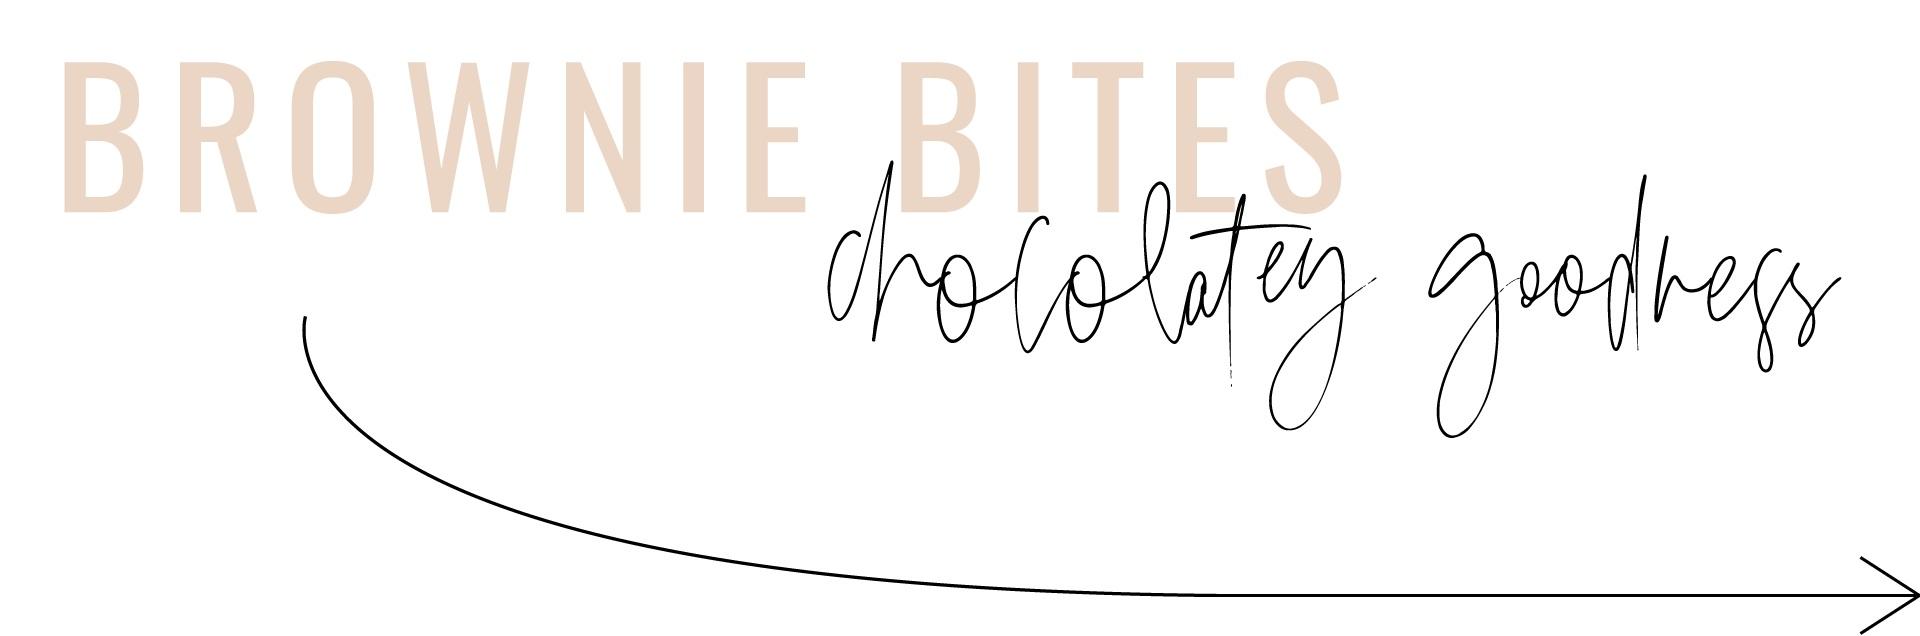 Brownie-Bites.jpg